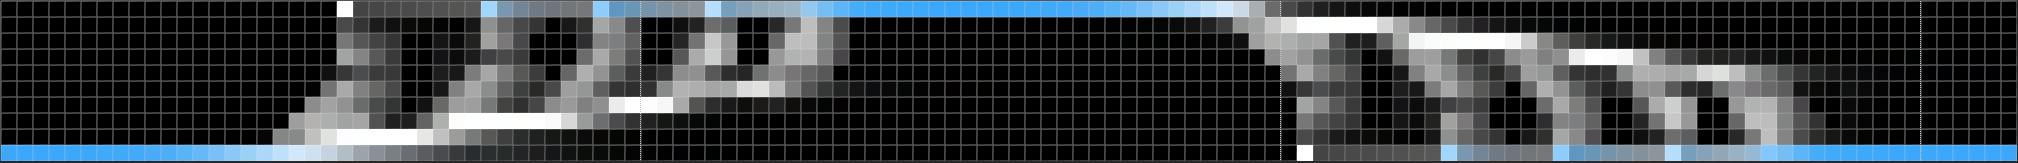 led_pixels_neoAnim13.png